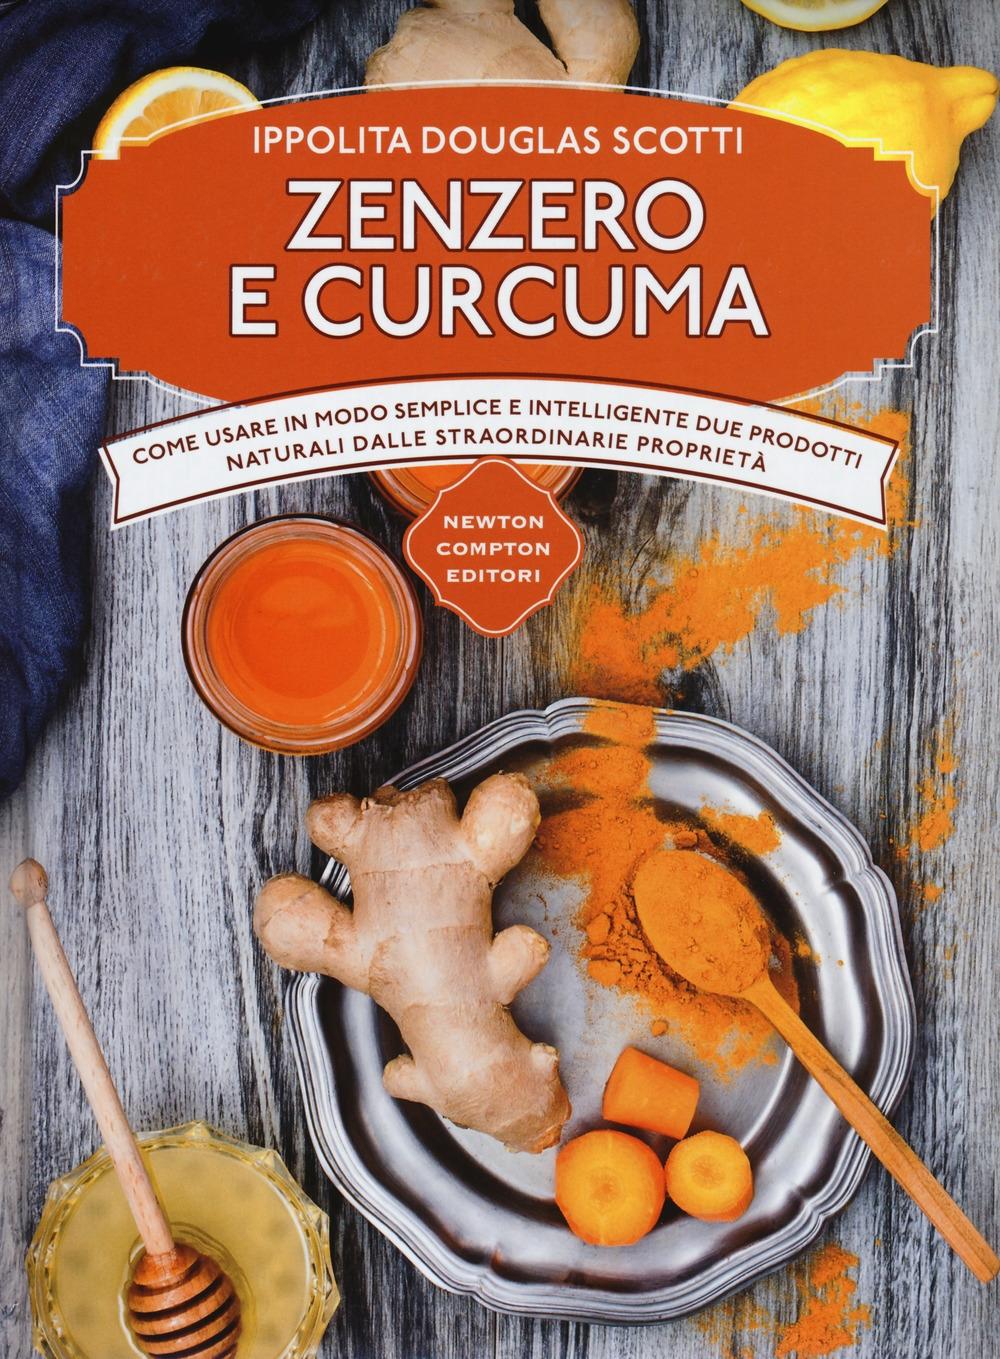 Zenzero e curcuma. Come usare in modo semplice e intelligente due prodotti naturali dalle straordinarie proprietà